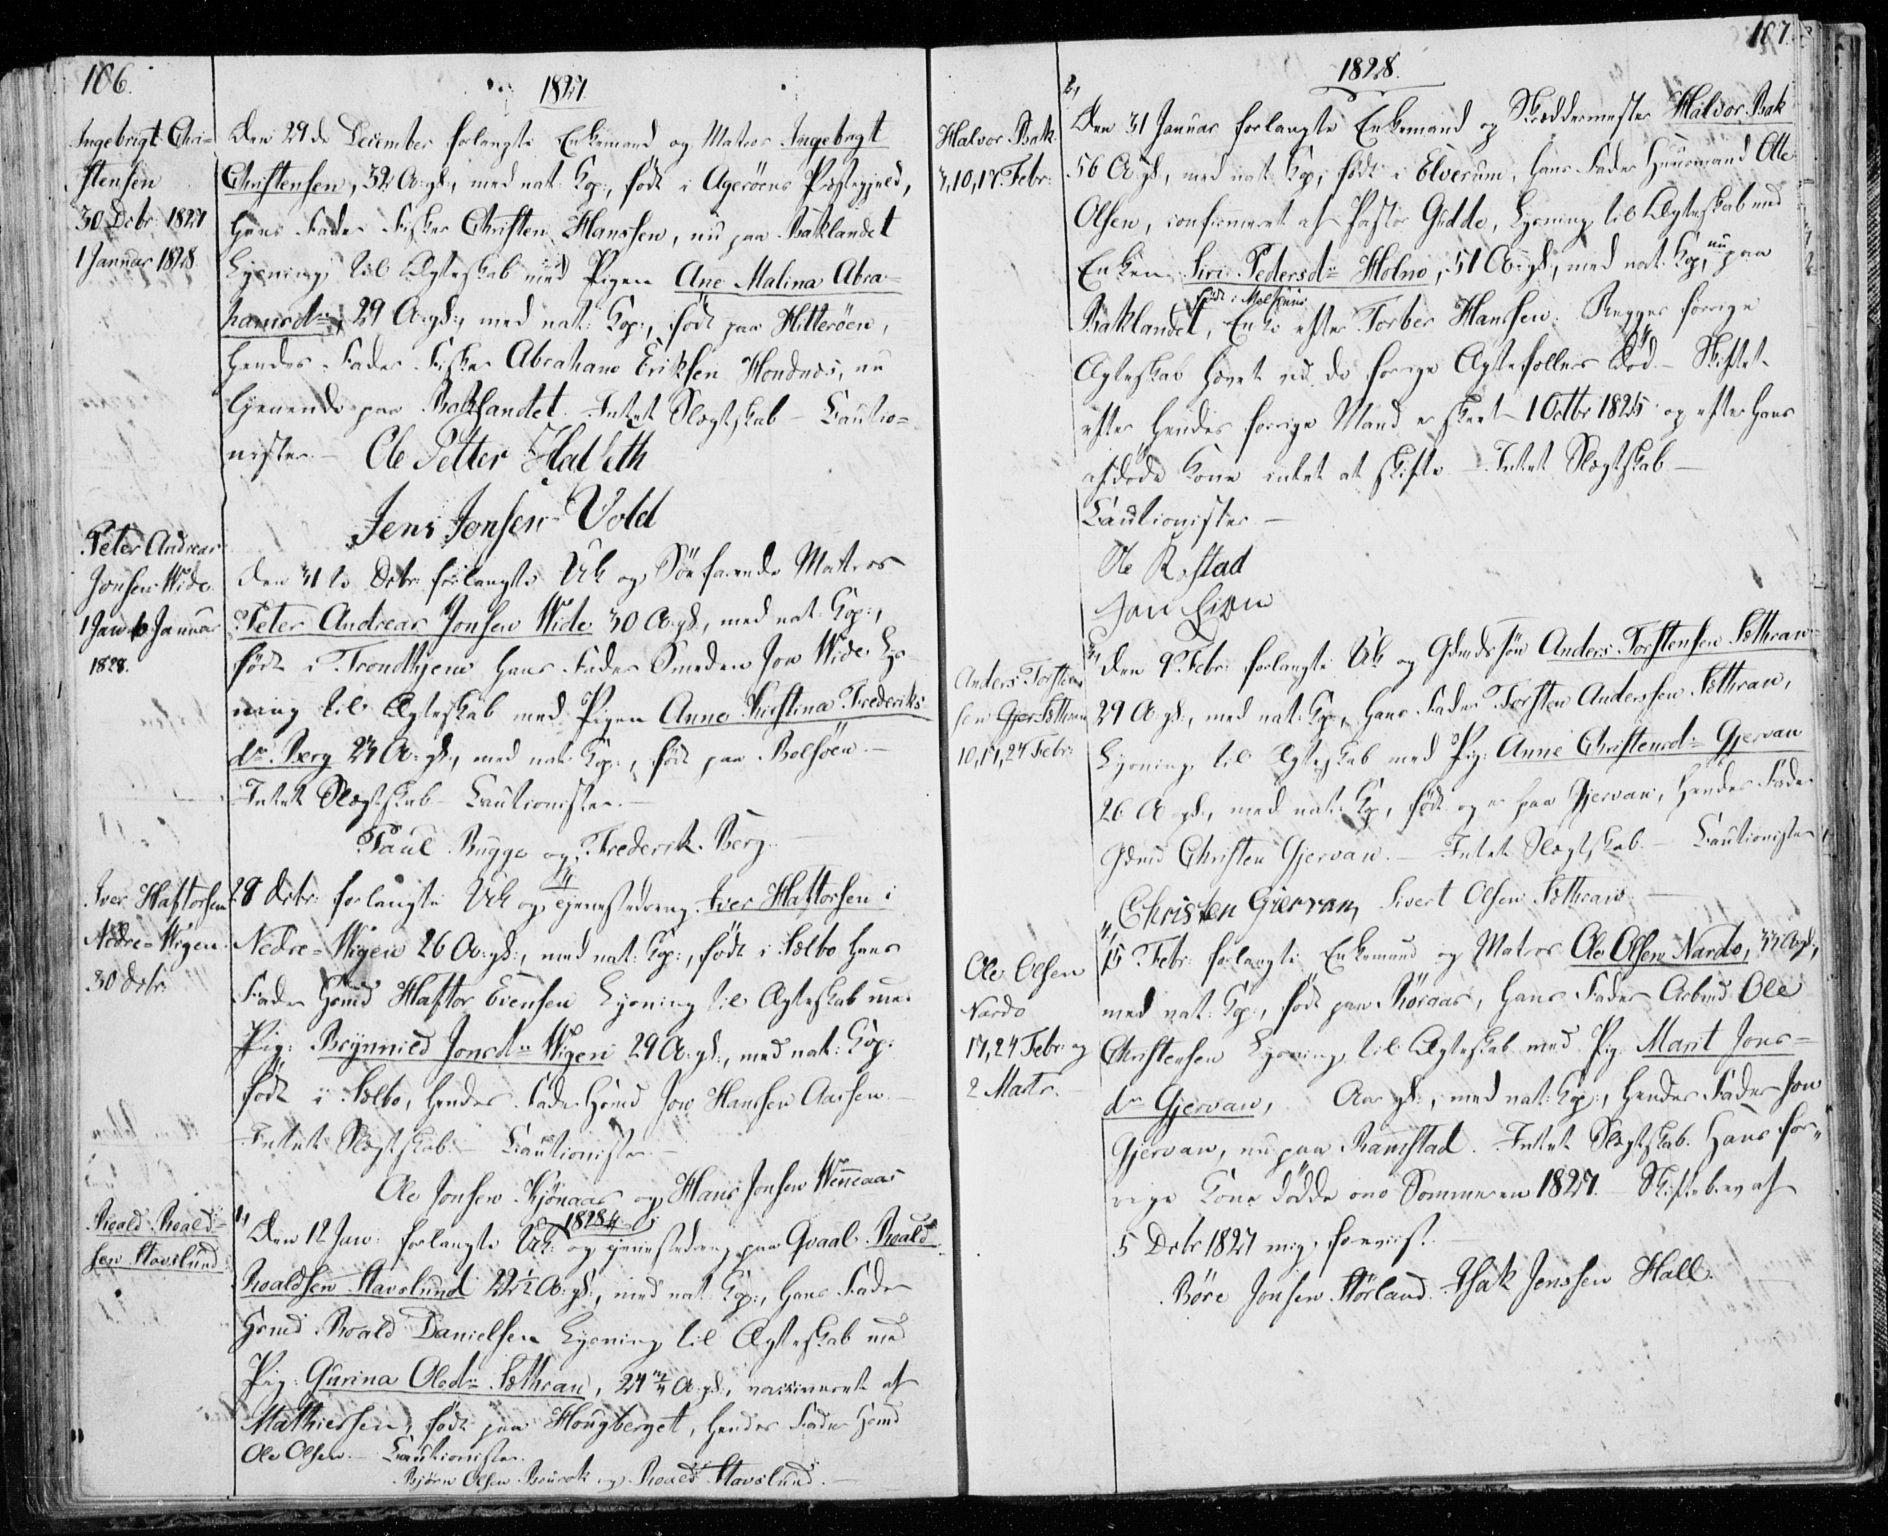 SAT, Ministerialprotokoller, klokkerbøker og fødselsregistre - Sør-Trøndelag, 606/L0295: Lysningsprotokoll nr. 606A10, 1815-1833, s. 106-107